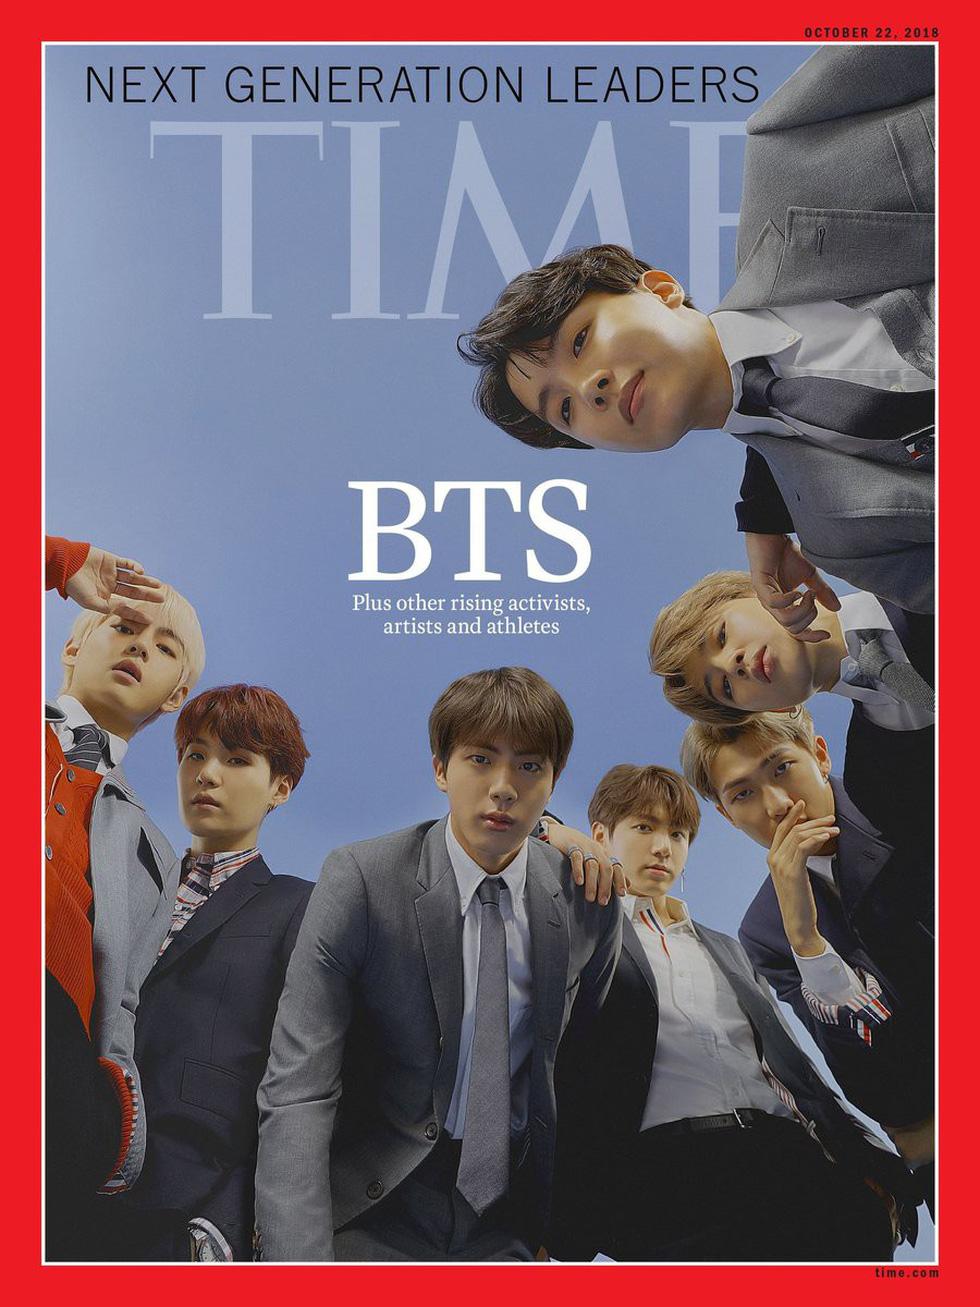 BTS đã trở thành boyband đình đám nhất thế giới như thế nào? - Ảnh 5.